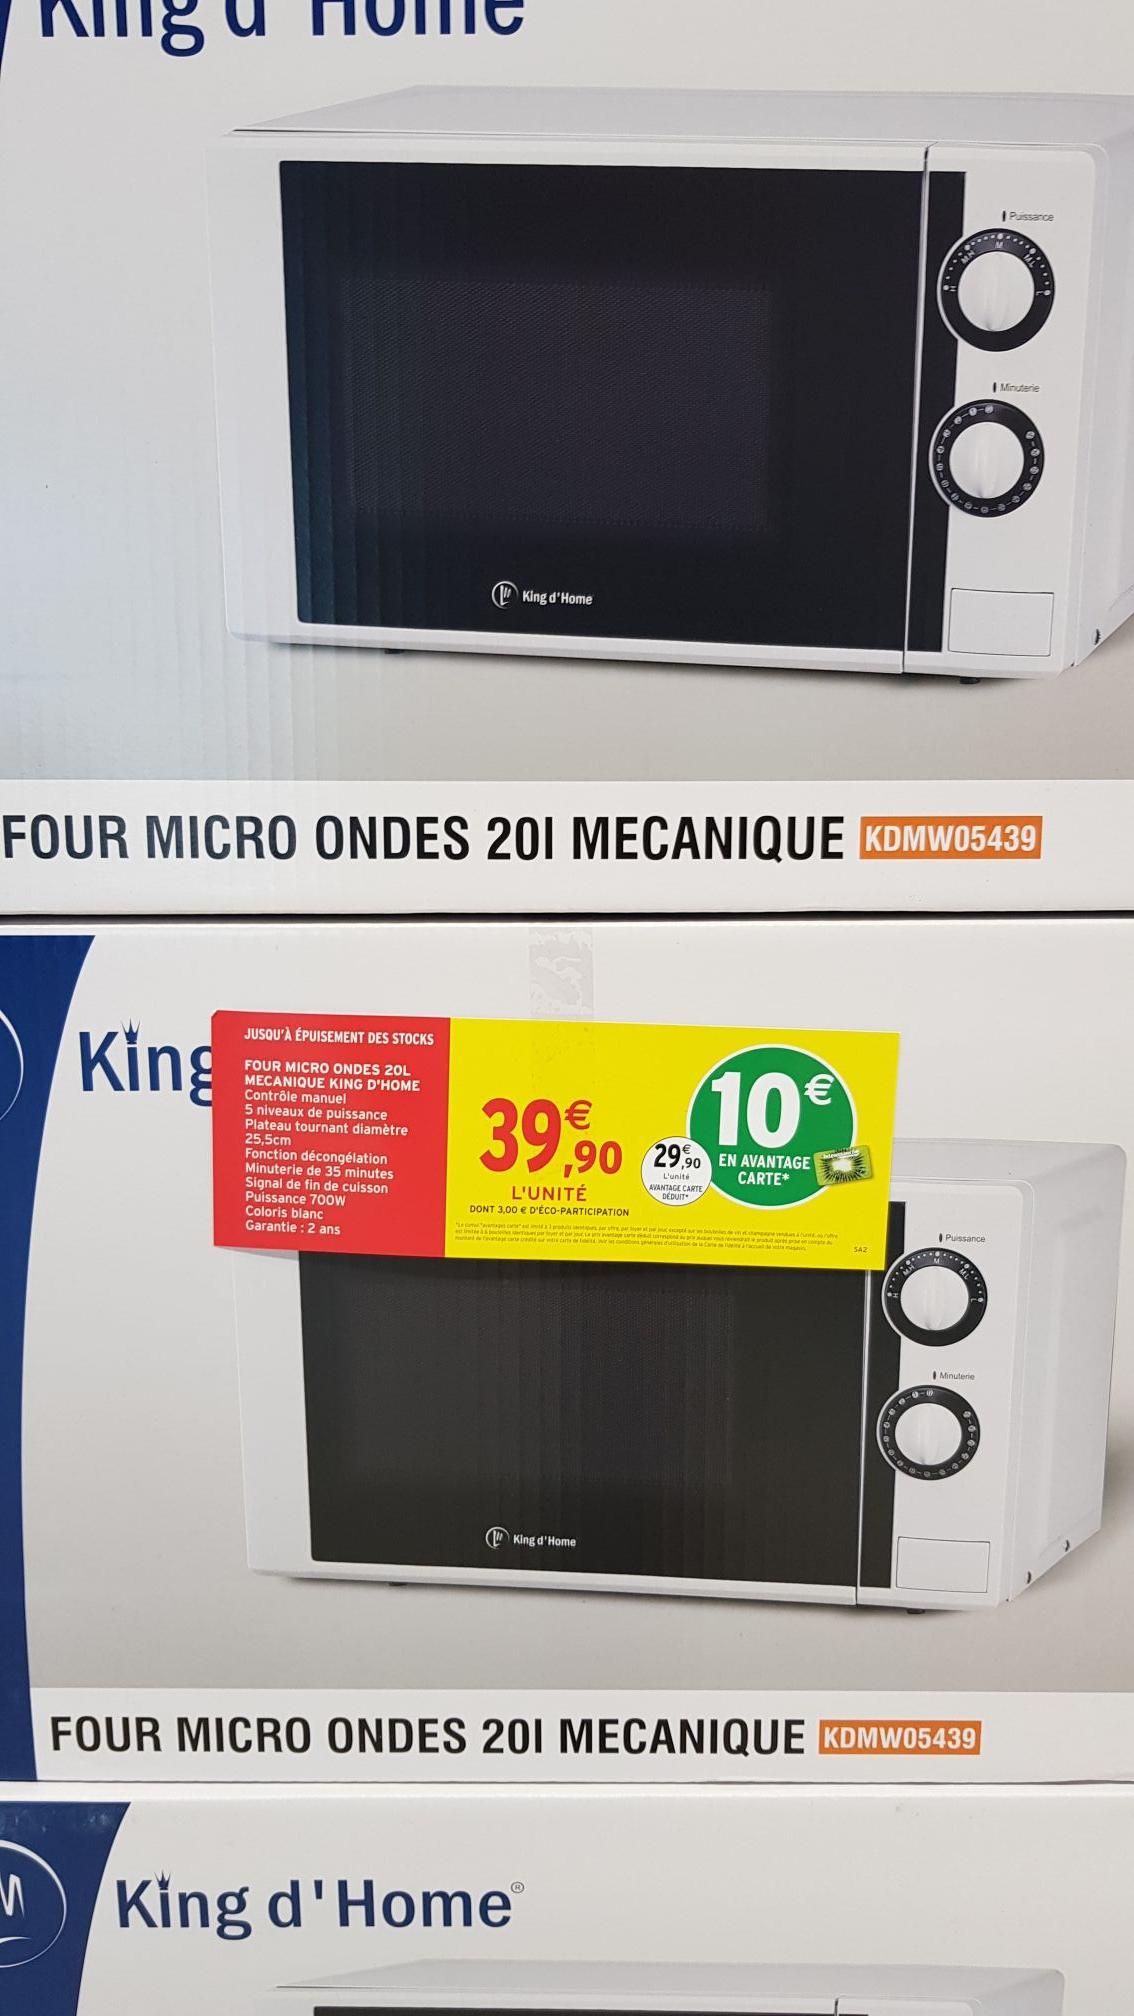 Micro onde King d'home Intermarché KDM05439 - 20L (via 10€ sur la carte fidélité)